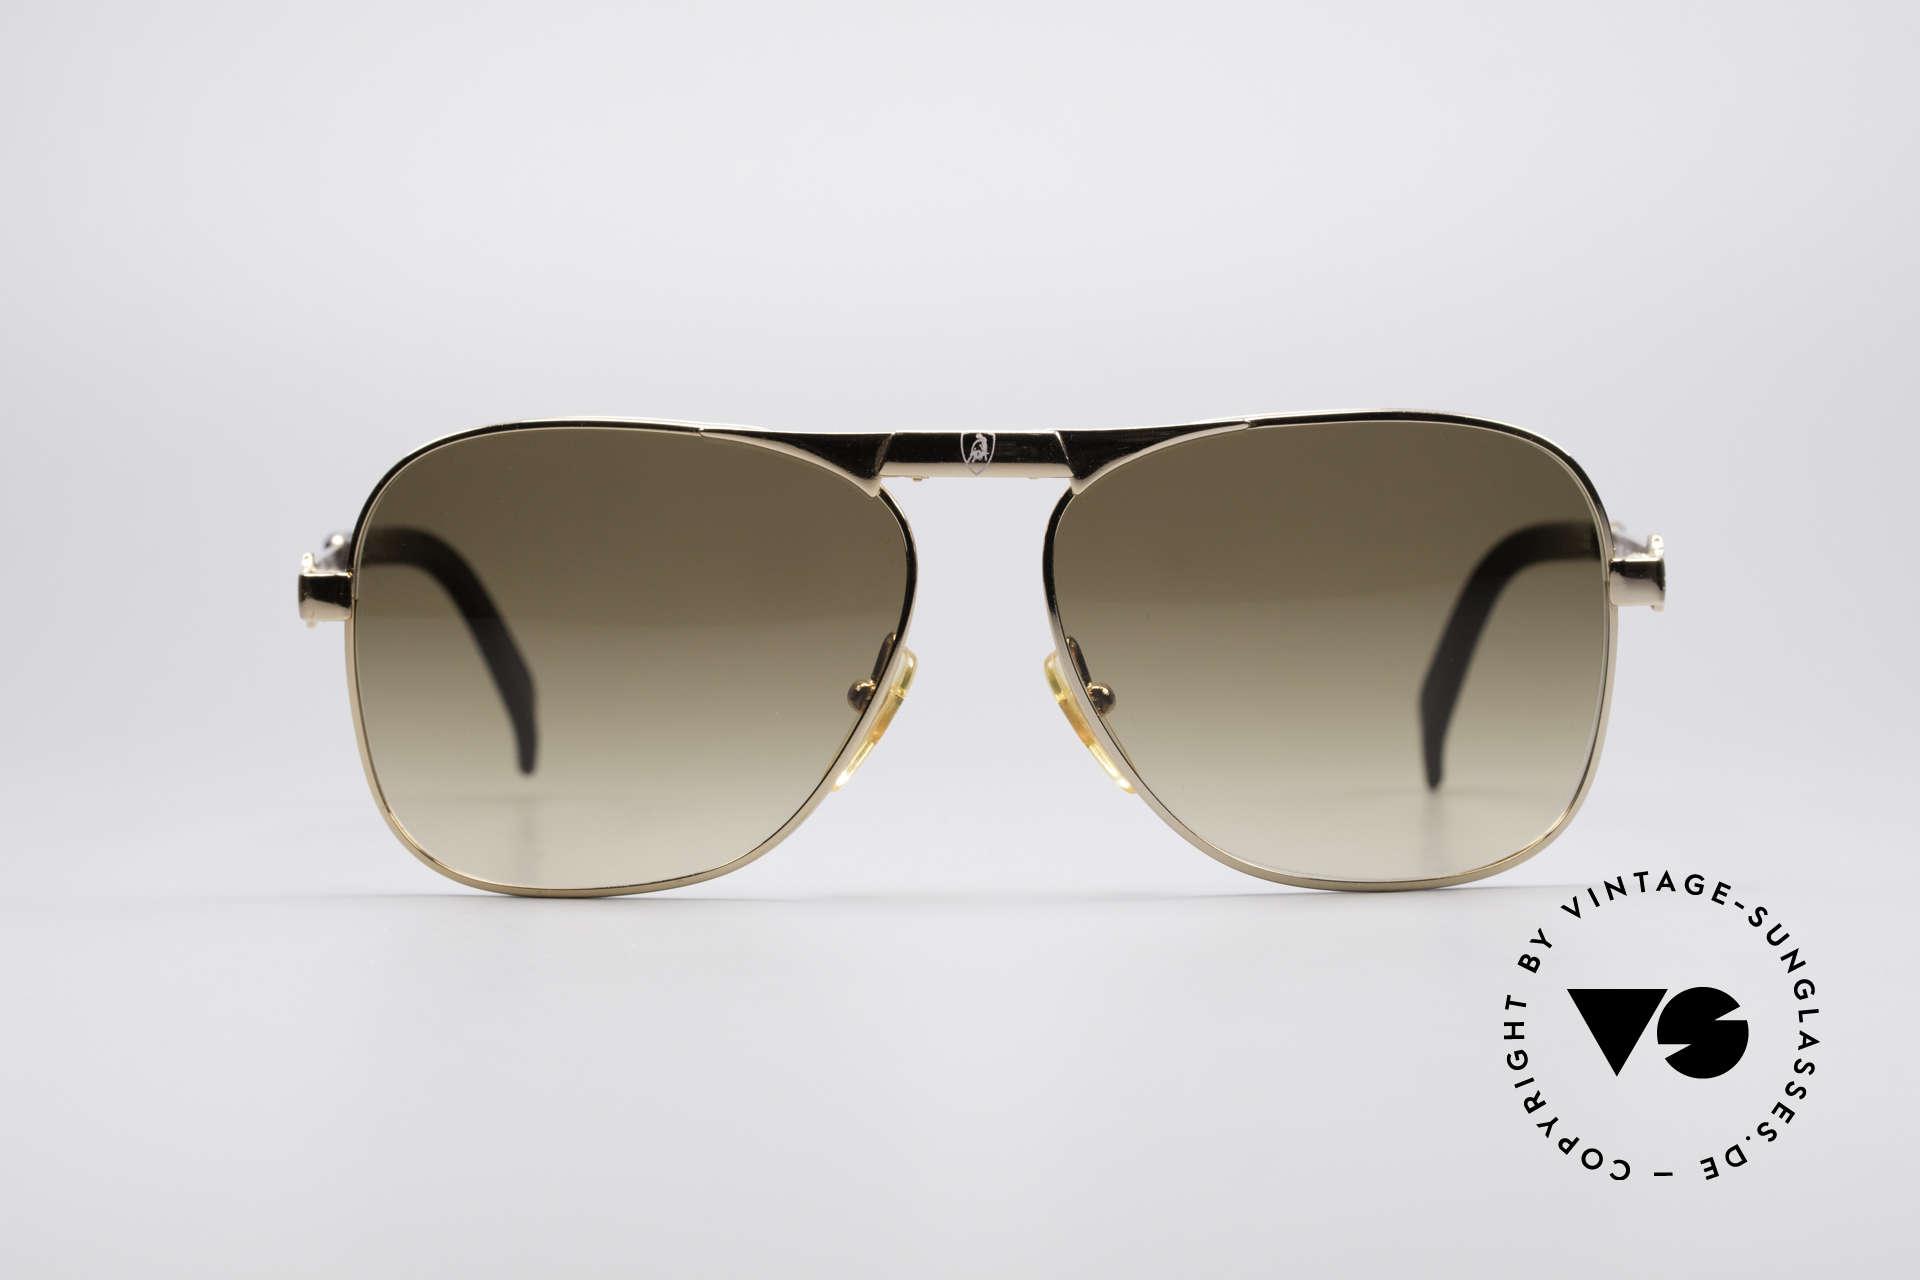 Lamborghini LT50/P Faltbare 80er Sonnenbrille, der Lamborghini-Erbe ist bekannt für LUXUS-Accessoires, Passend für Herren